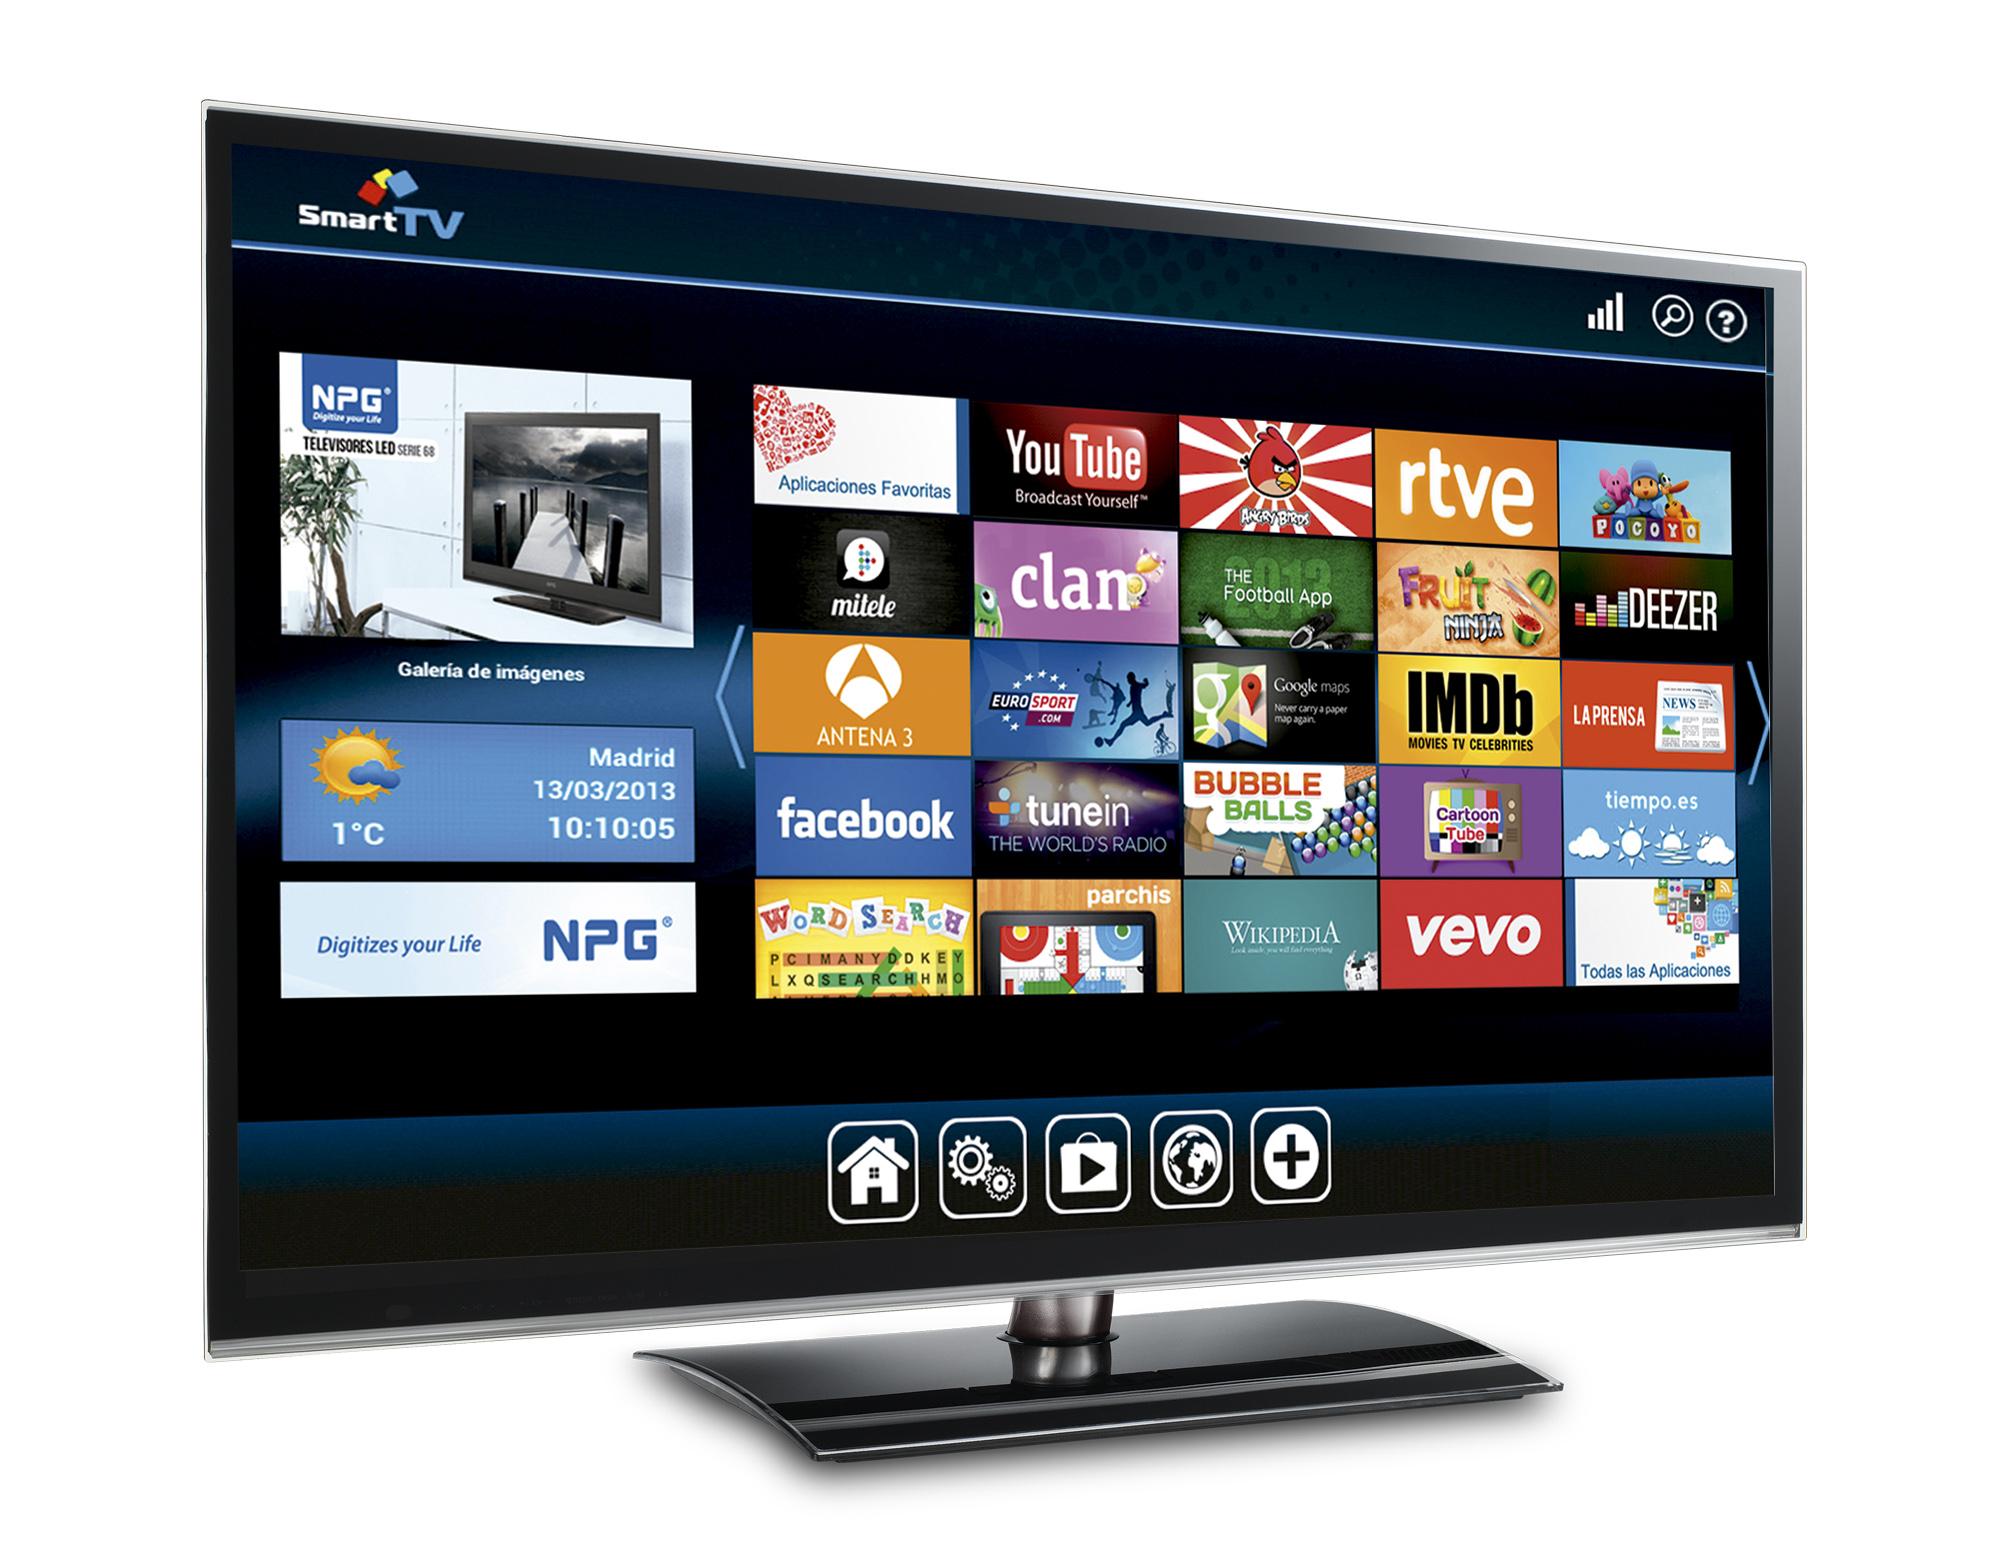 La tua TV ti sta guardando! E tu credevi che fosse il contrario…